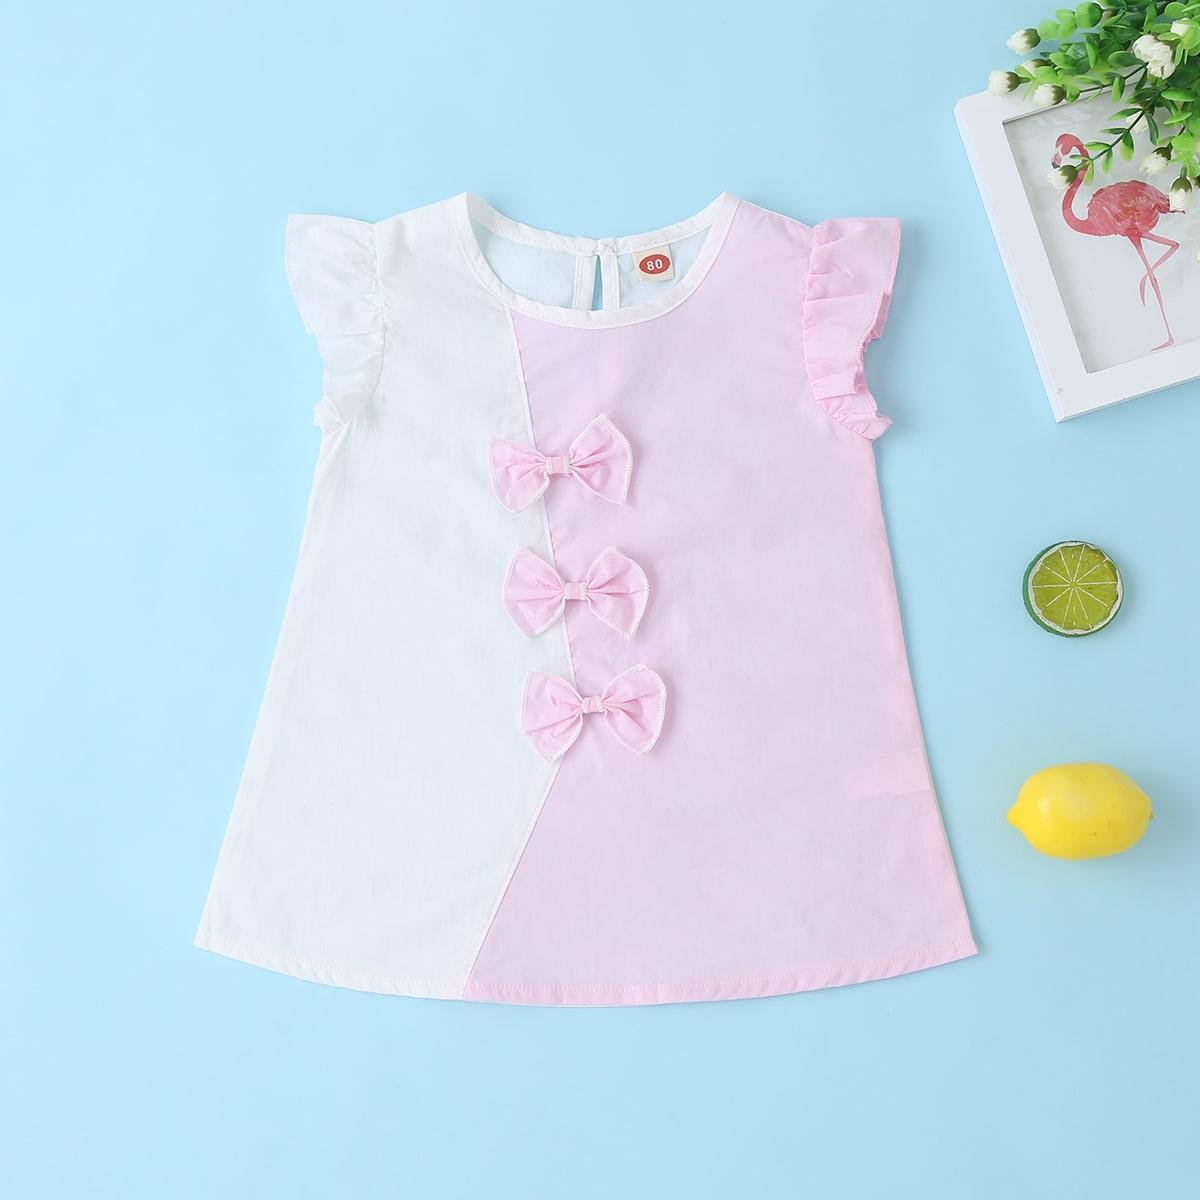 Двузцветное платье с бантом для девочек от SHEIN